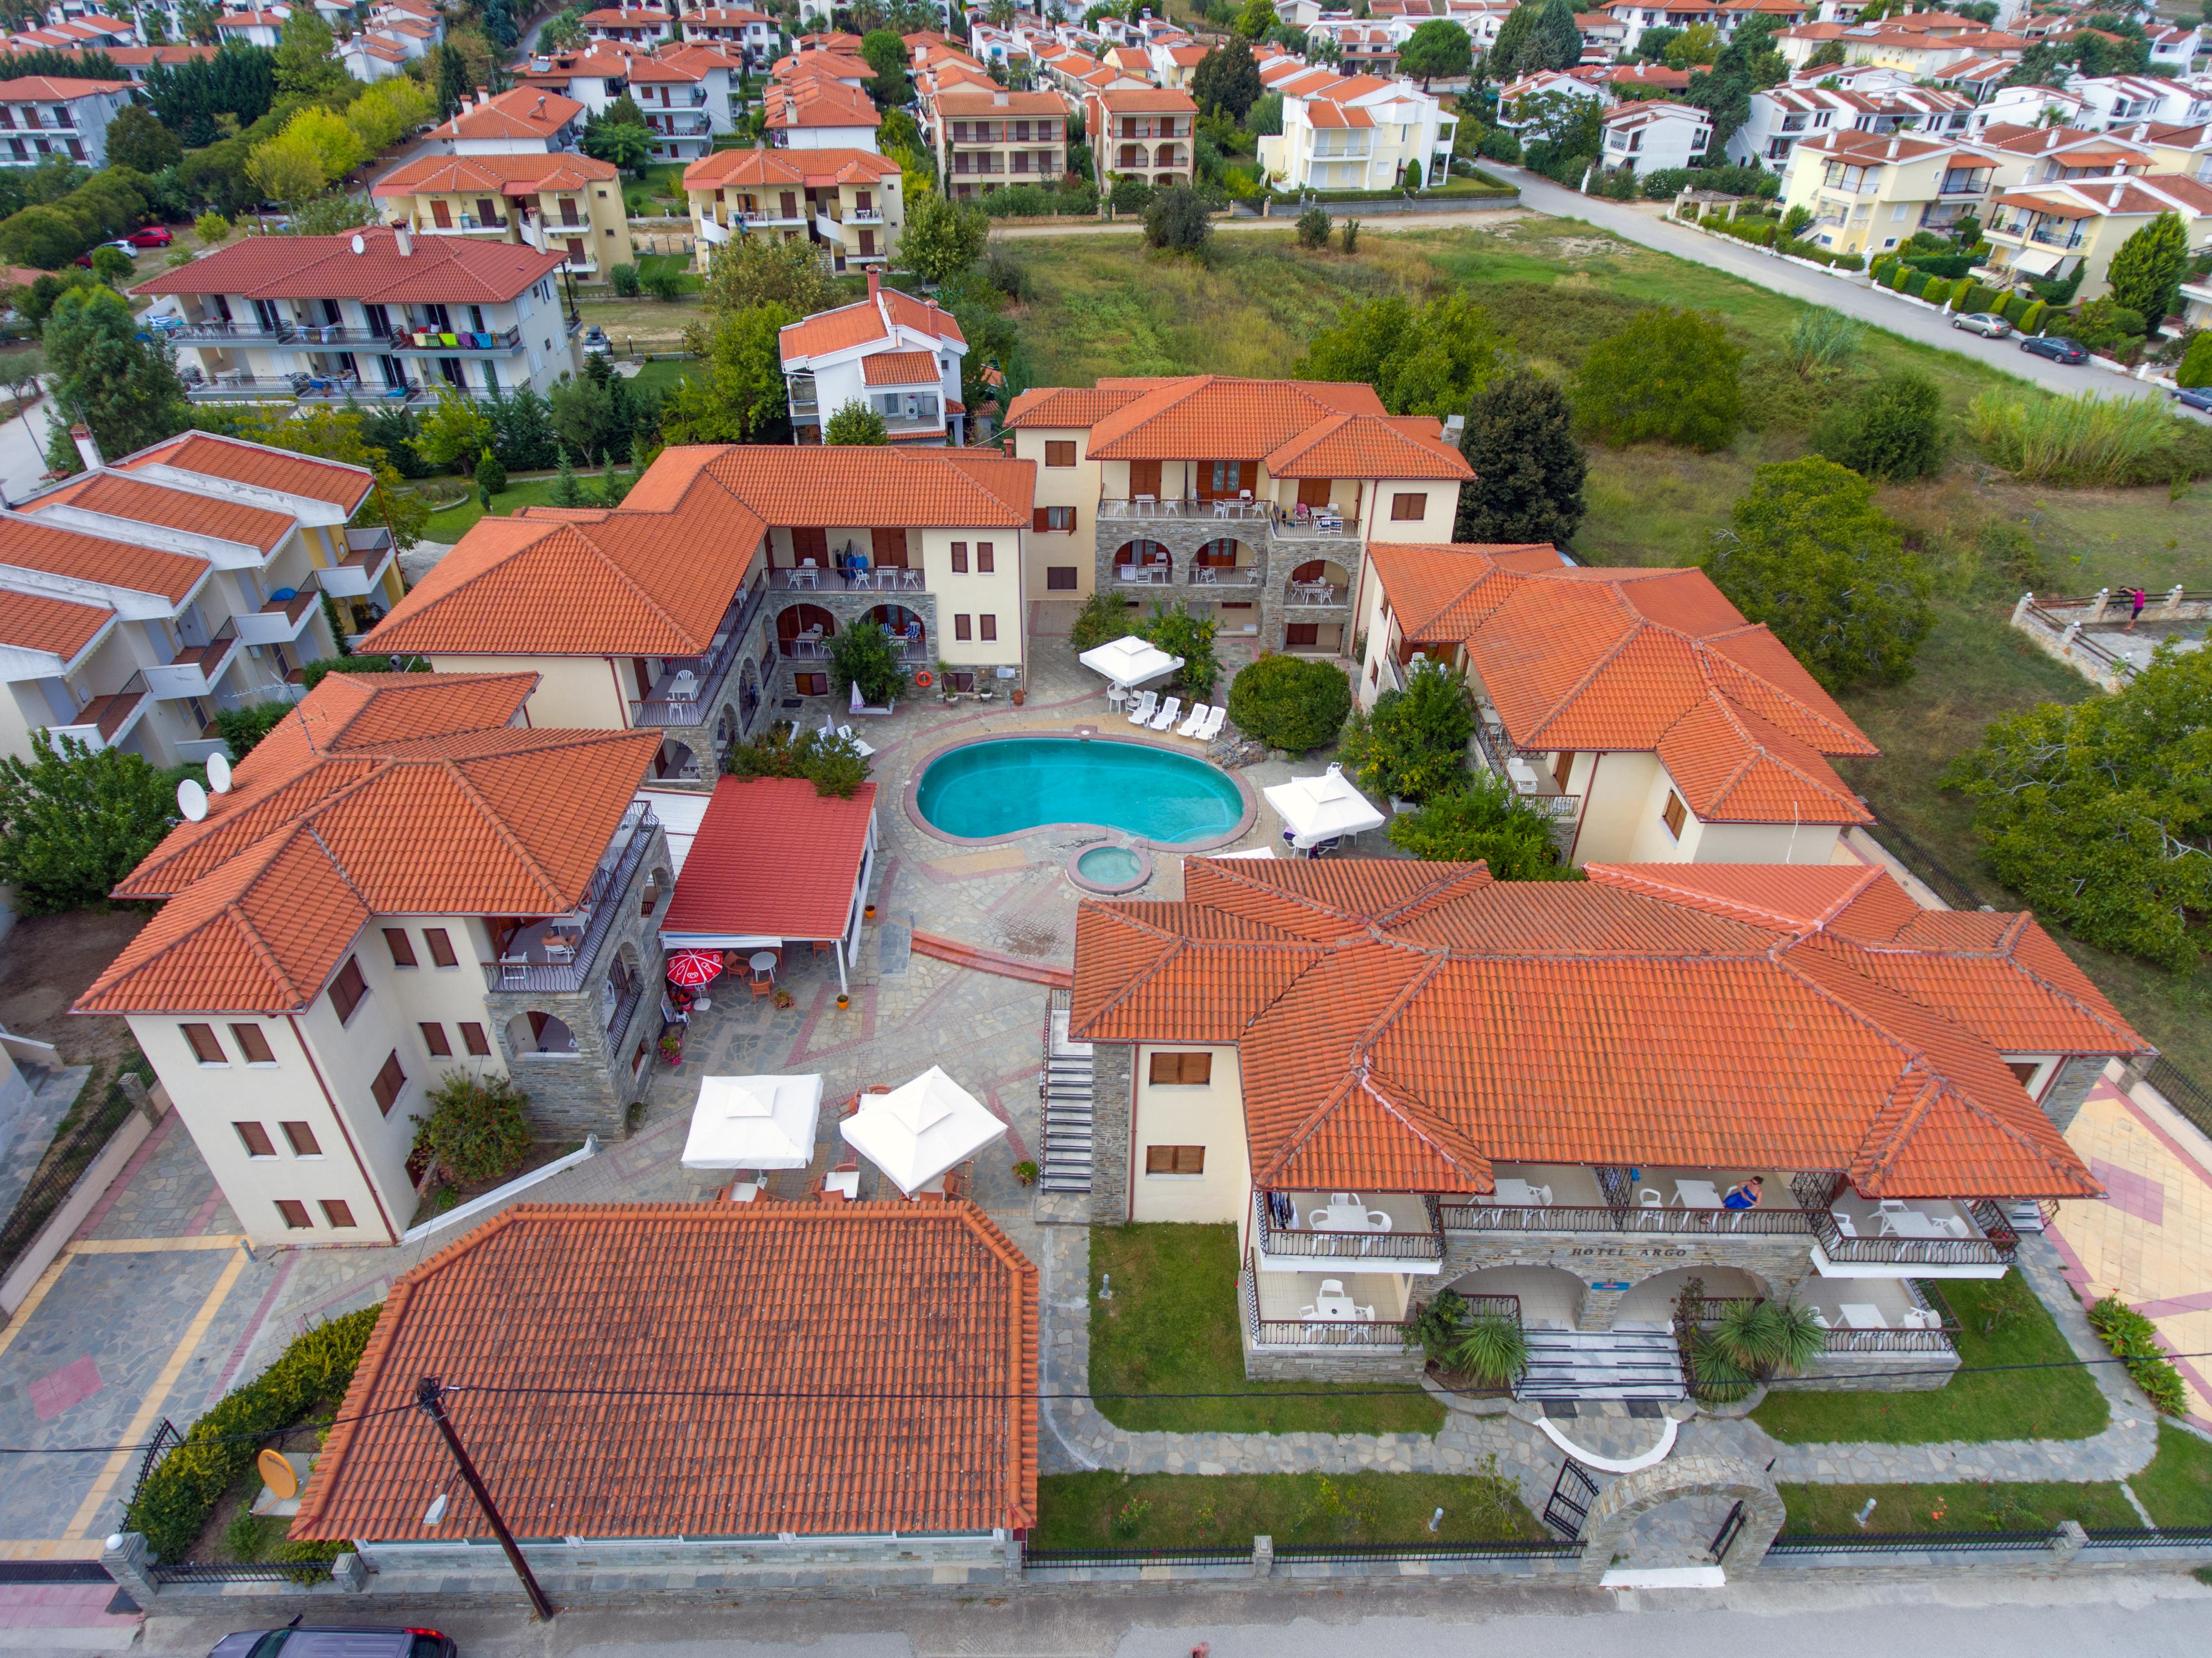 Hotel Argo In Siviris Holidaycheck Chalkidiki Griechenland